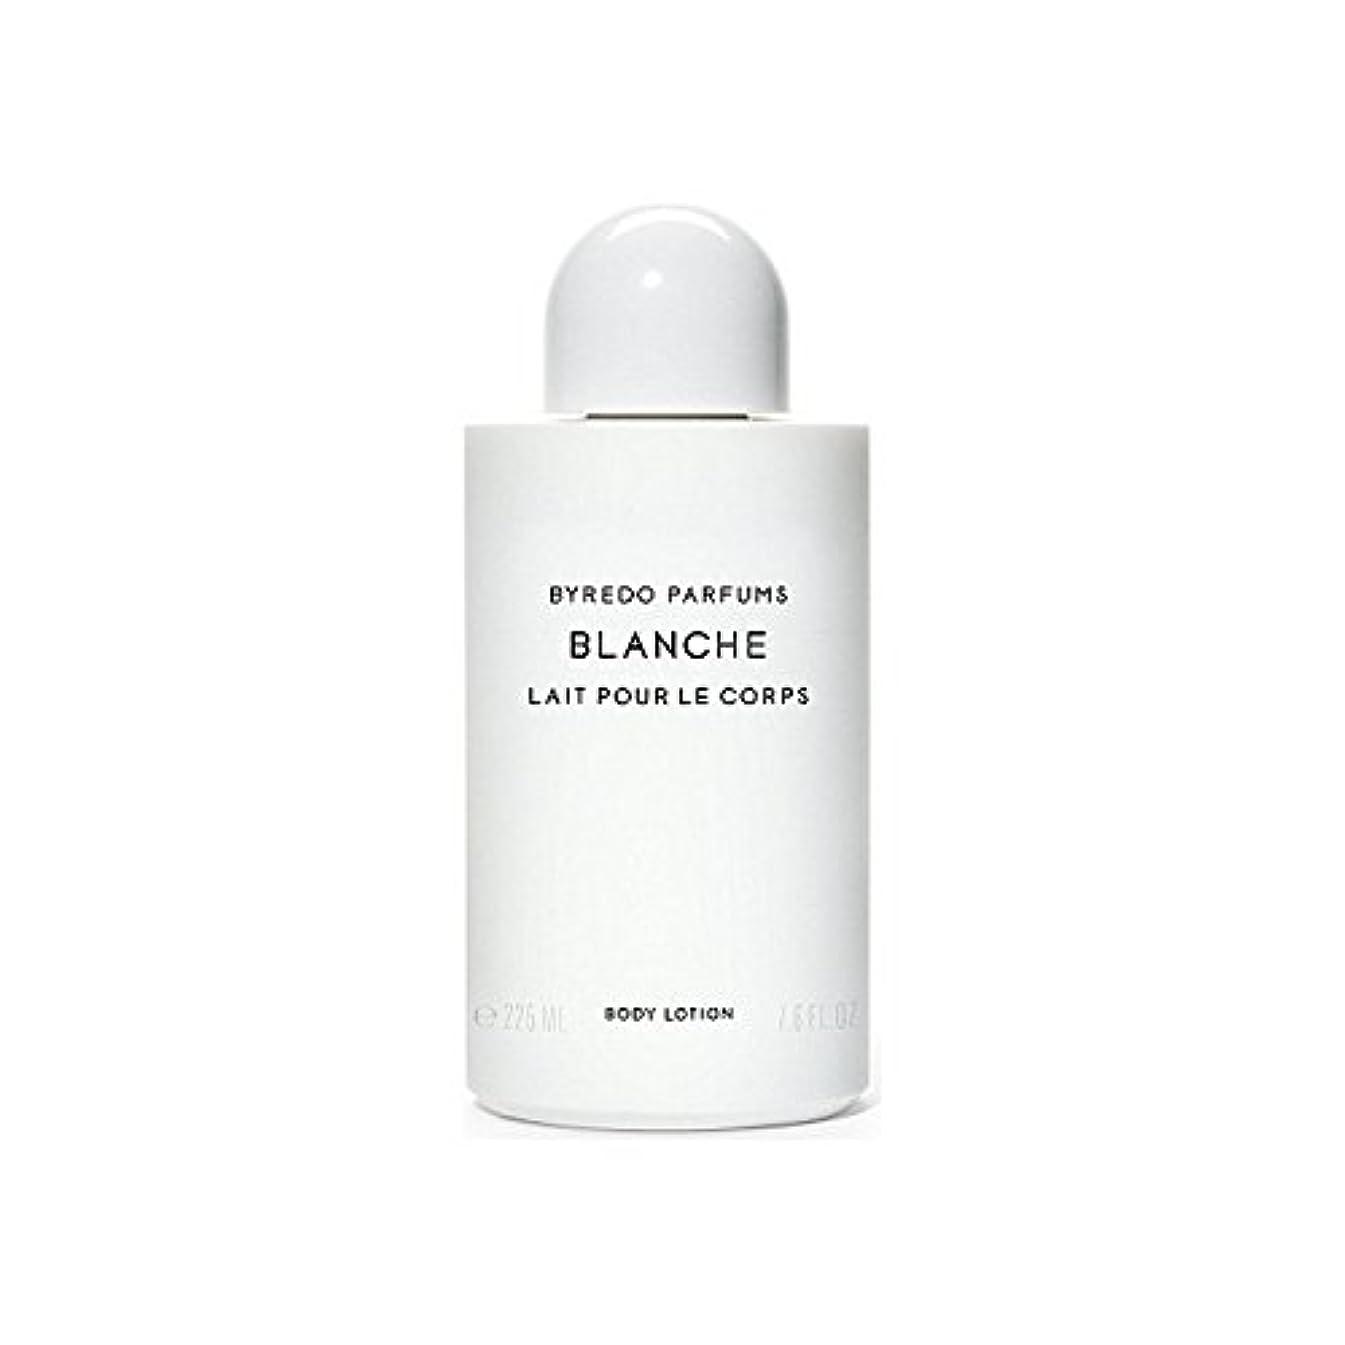 傾向がある注目すべき実験的ブランシュボディローション225ミリリットル x2 - Byredo Blanche Body Lotion 225ml (Pack of 2) [並行輸入品]